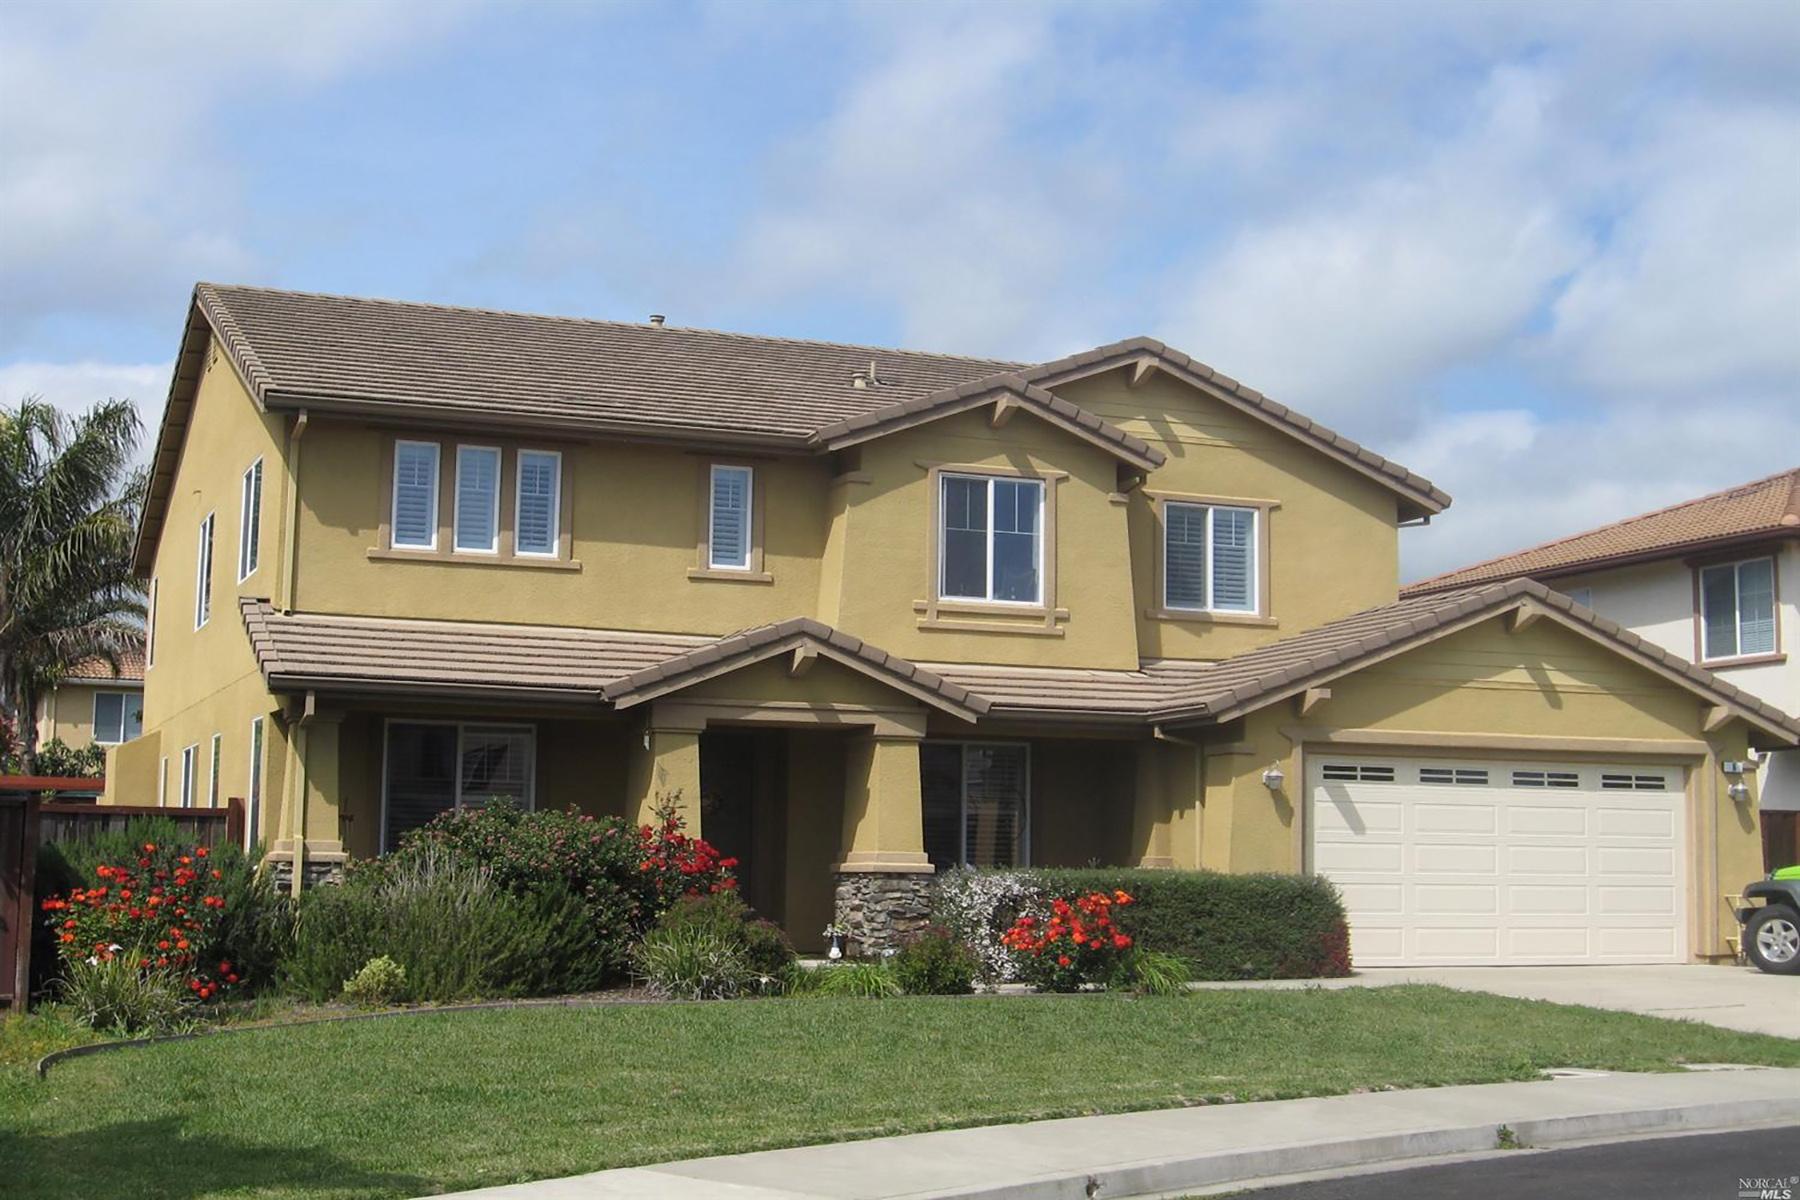 Casa Unifamiliar por un Venta en 6 Bluebell St, American Canyon, CA 94503 6 Bluebell St American Canyon, California, 94503 Estados Unidos